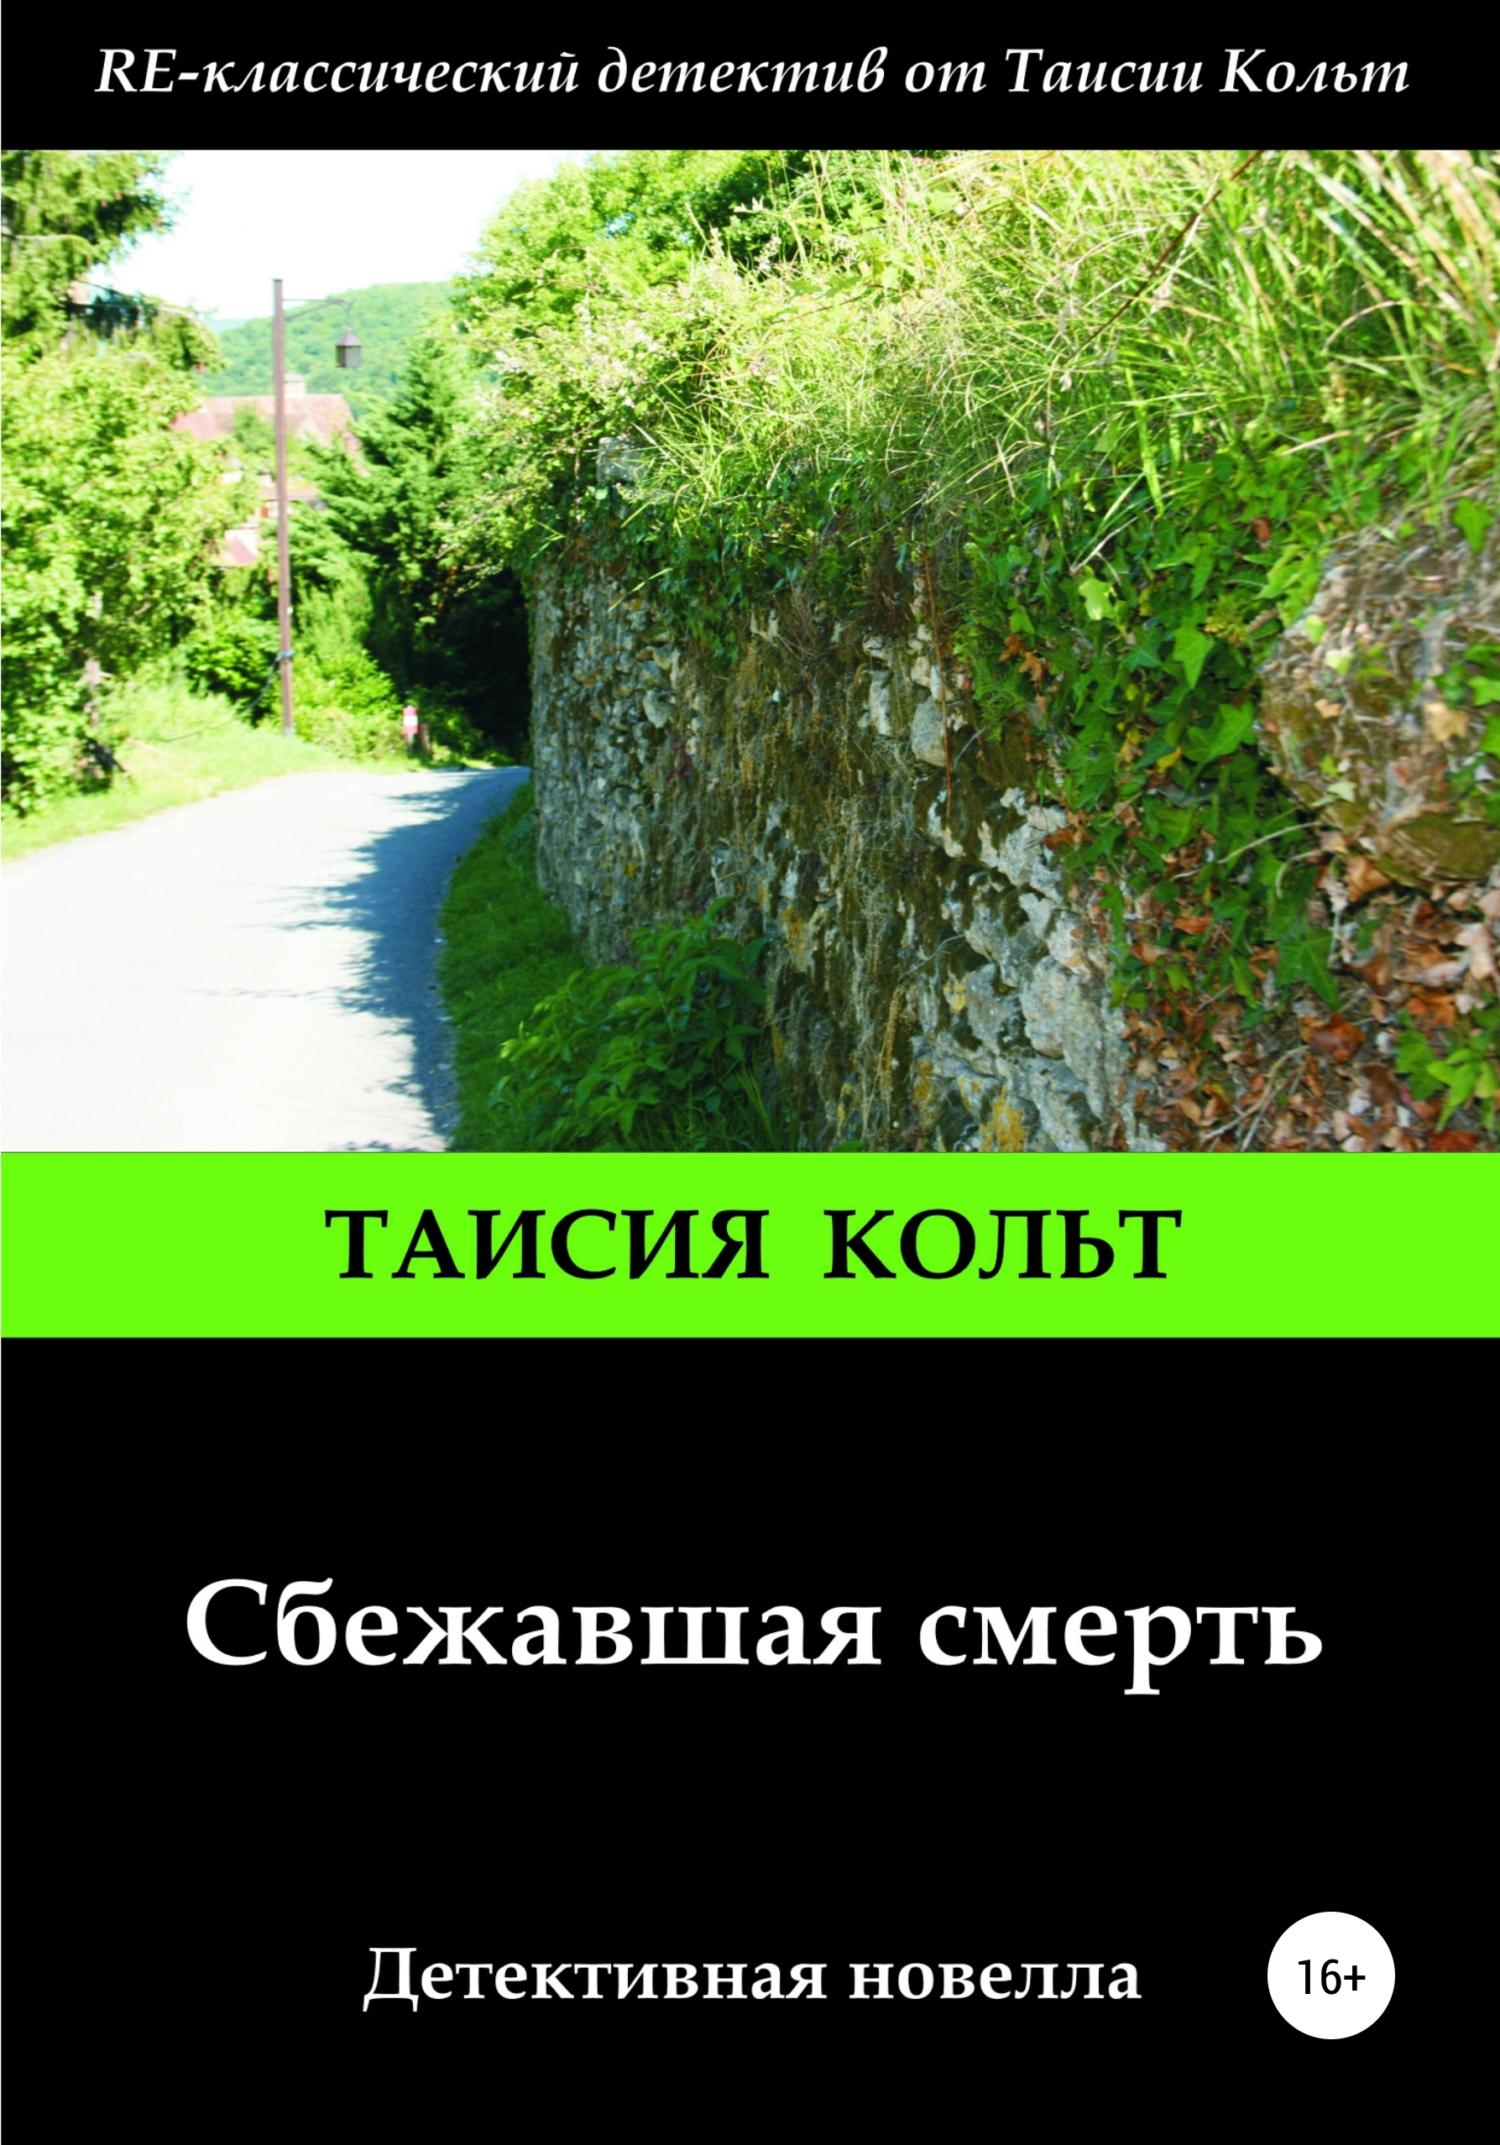 Таисия Кольт «Сбежавшая смерть»